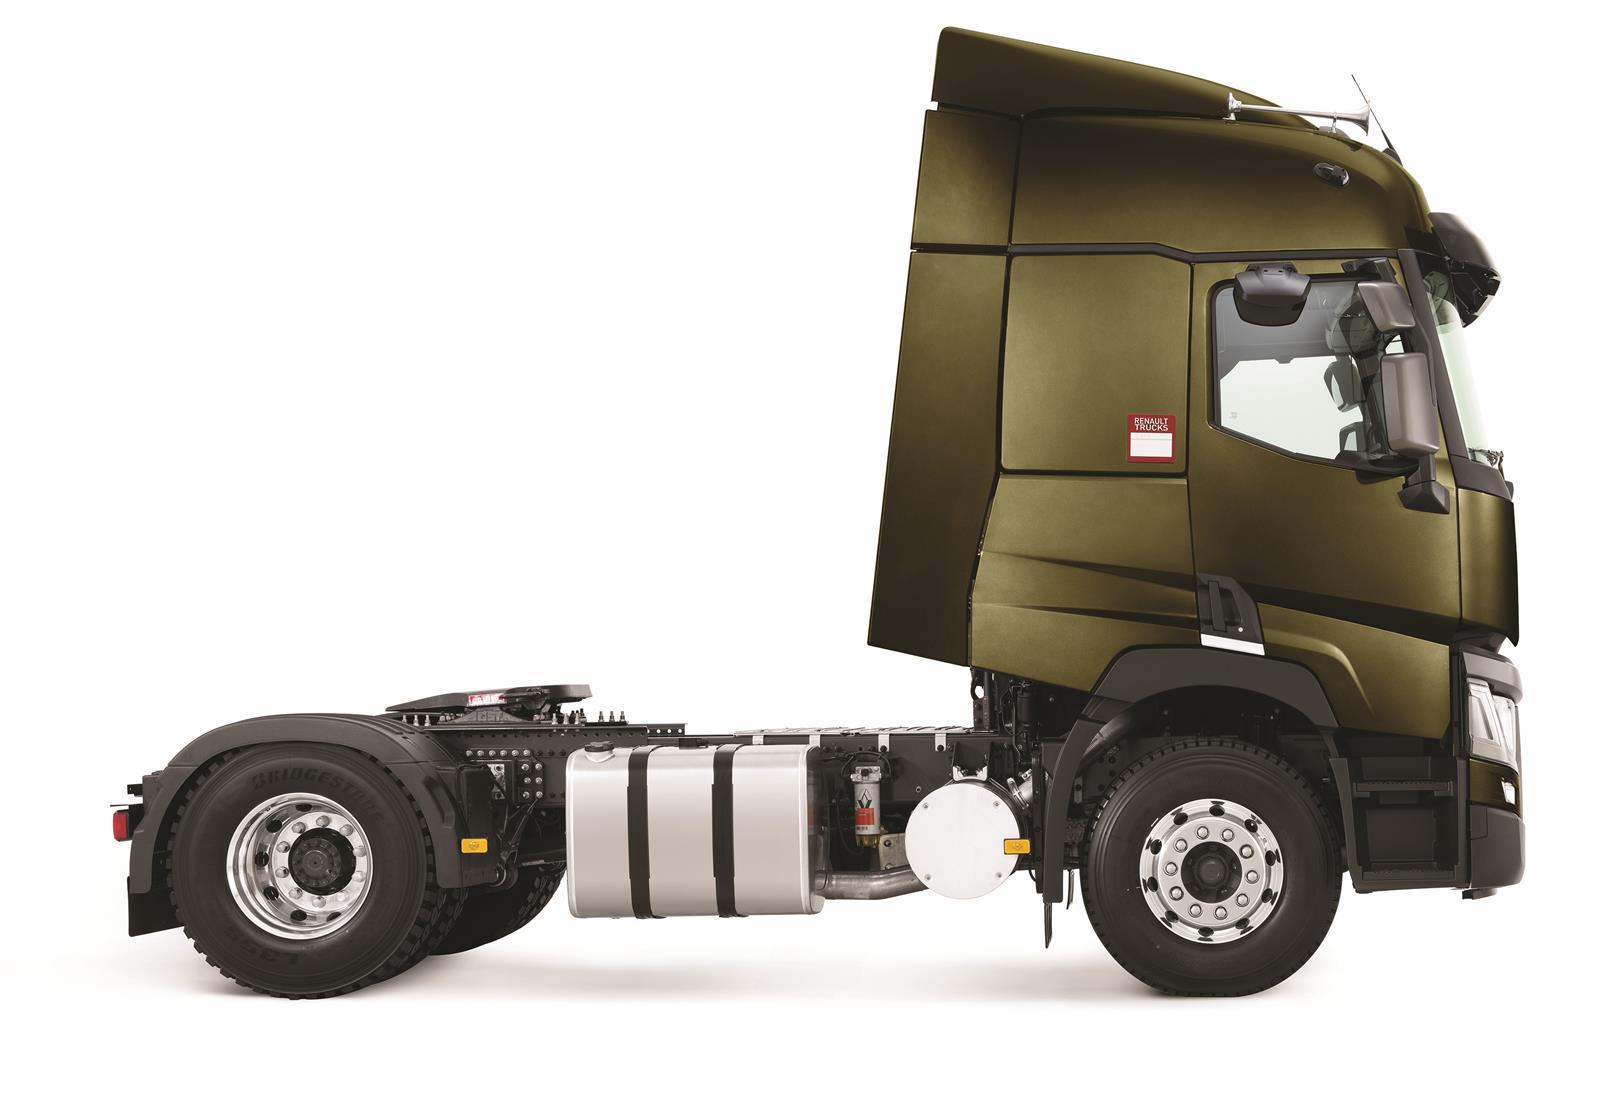 nouveaut s renault trucks lance une nouvelle gamme de camions. Black Bedroom Furniture Sets. Home Design Ideas